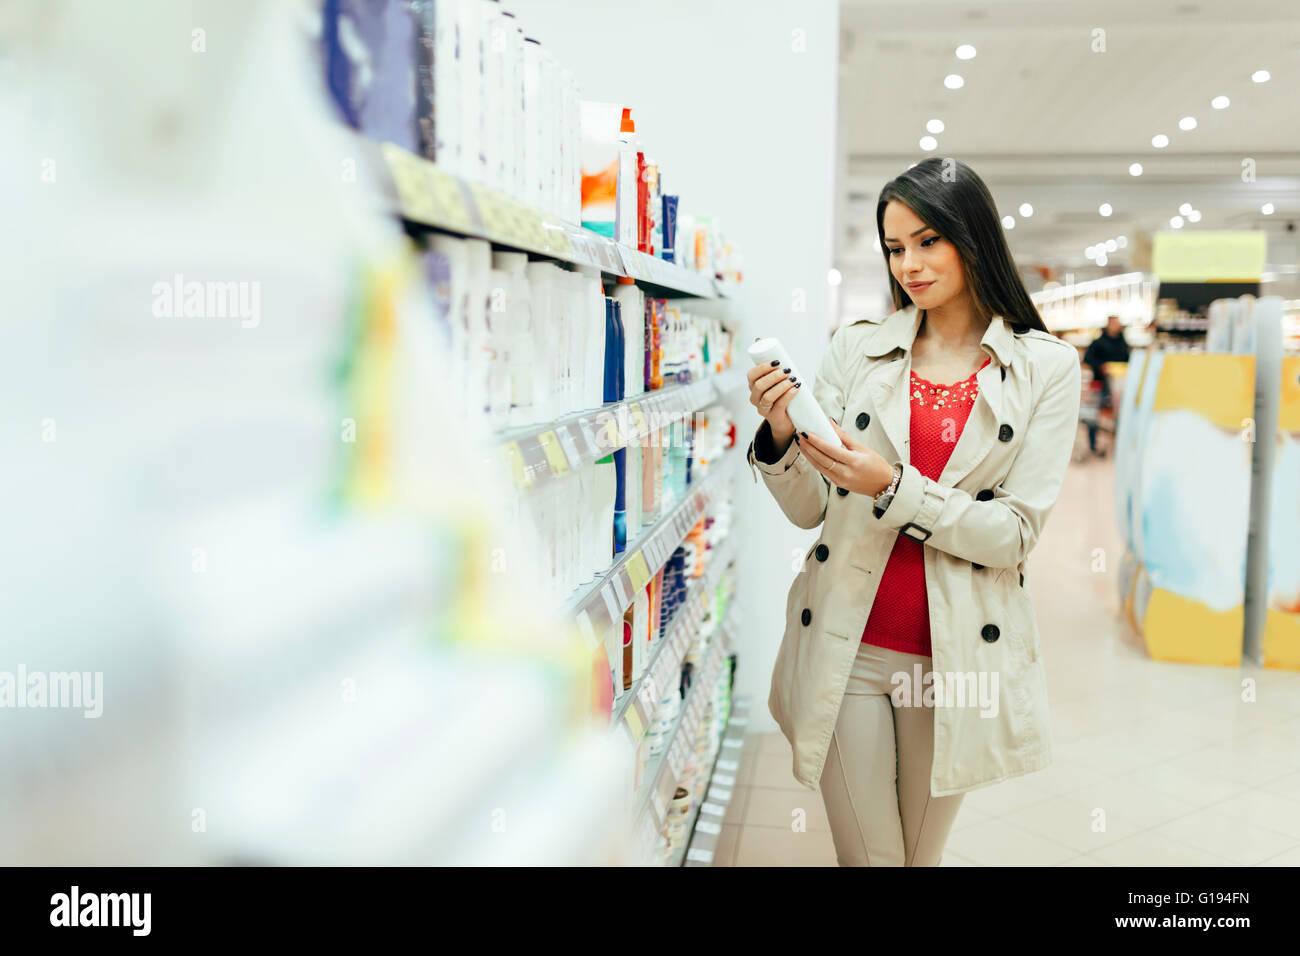 Belle femme l'achat de produits pour les soins du corps en supermarché Photo Stock